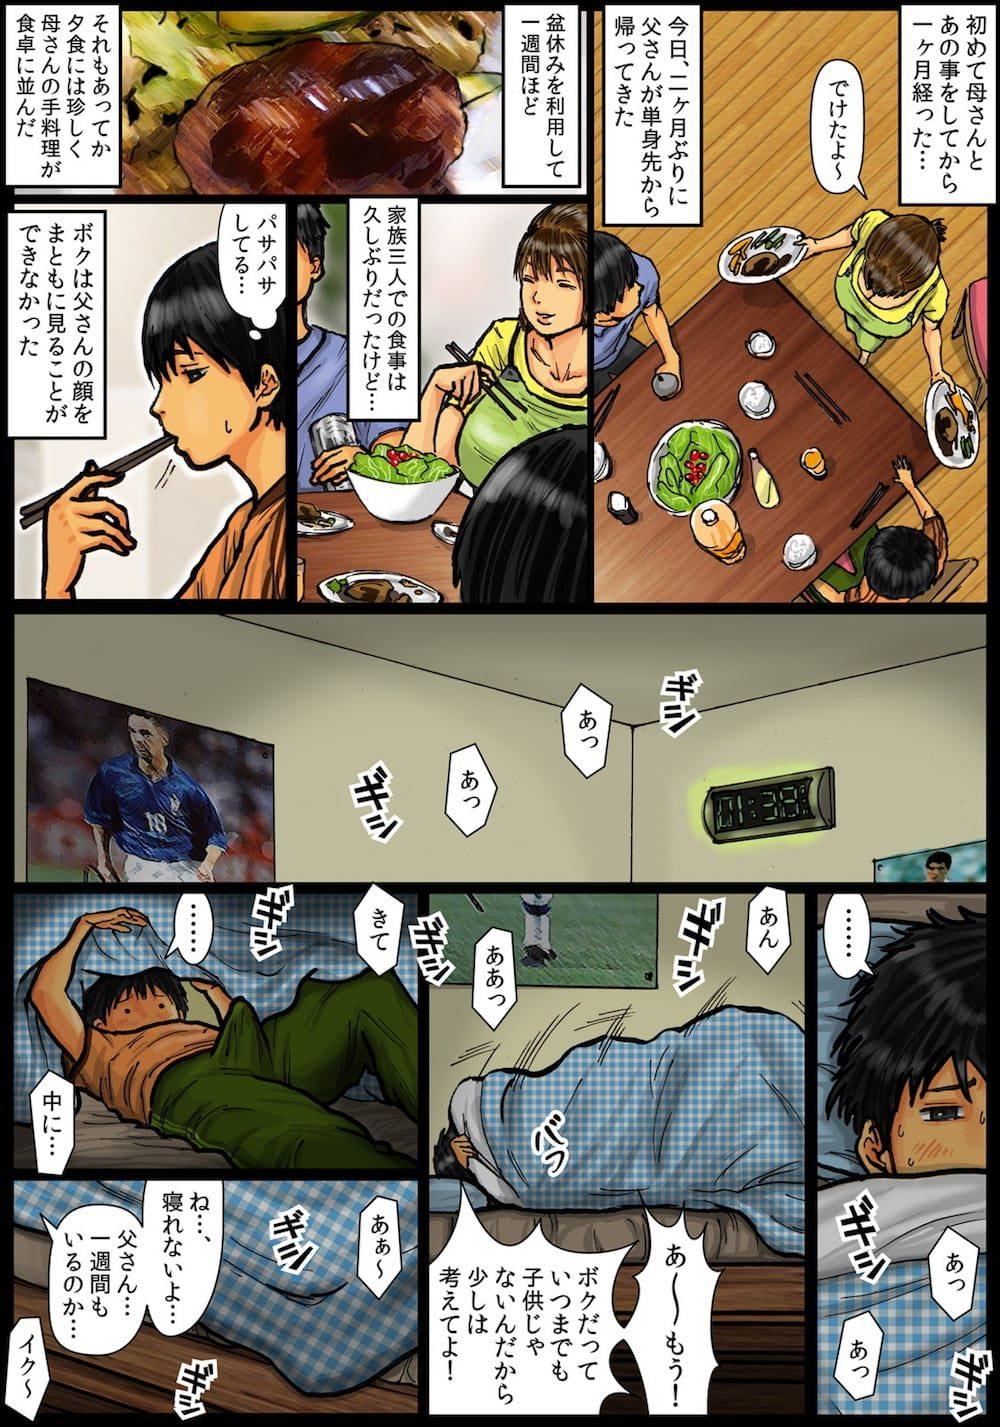 【エロ漫画・同人誌】自分の母が酔って寝ている間にセックスしてしまうマザコン男子が1週間ぶりに中出しセックス♪ 004